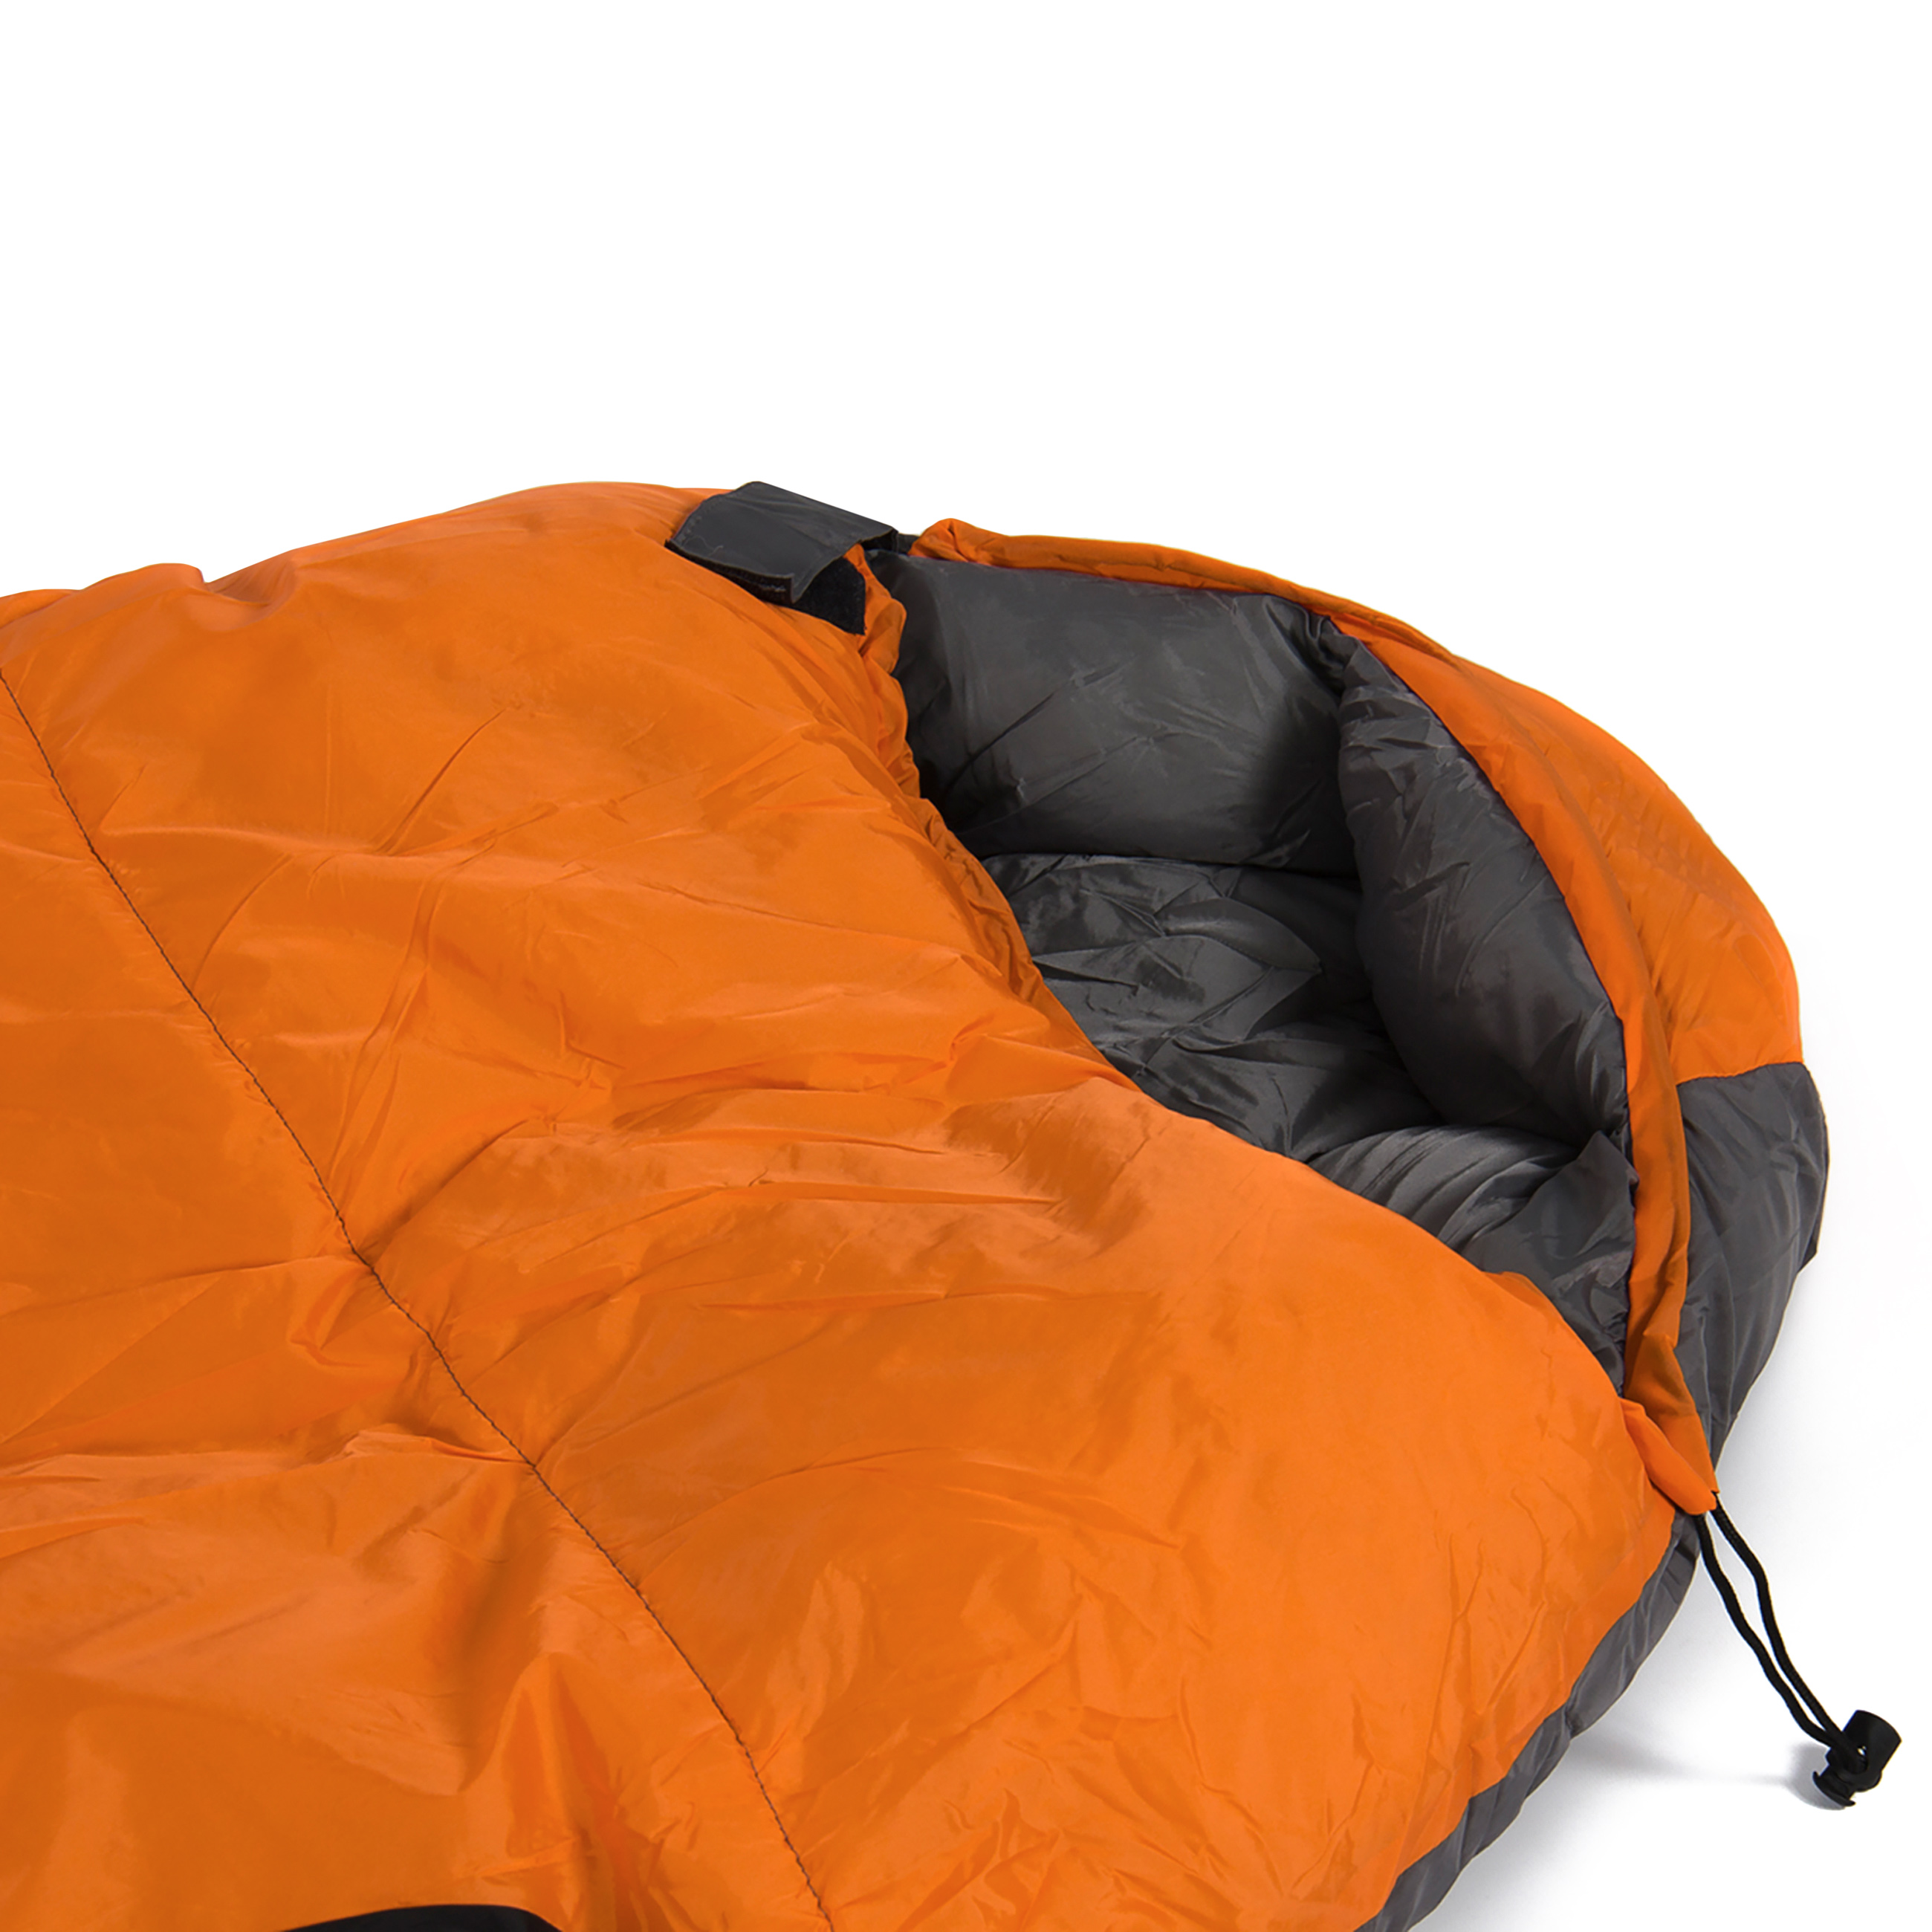 zelo sleeping bag - HD2600×2600